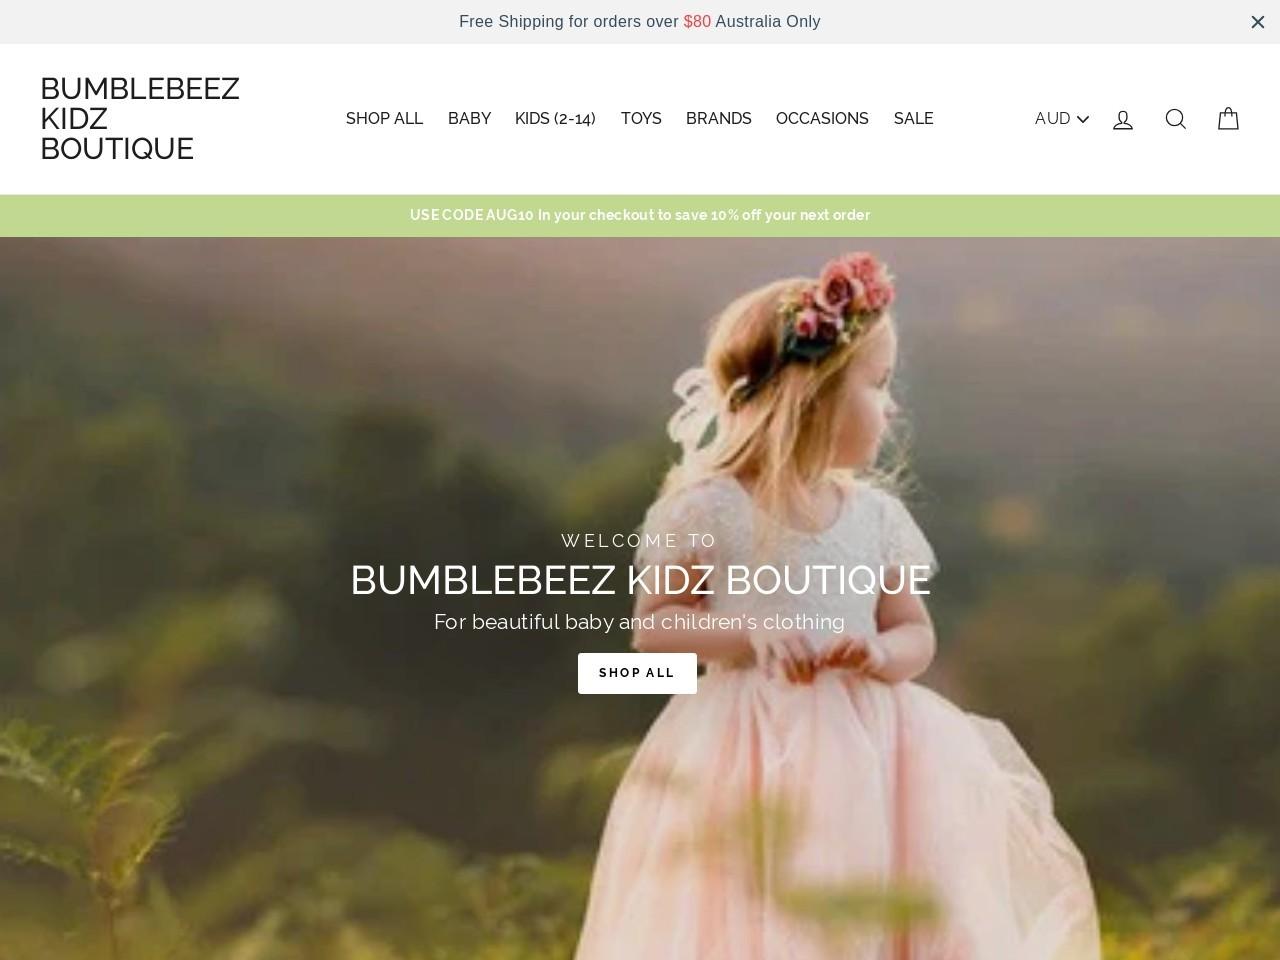 bumblebeezkidzboutique.com.au